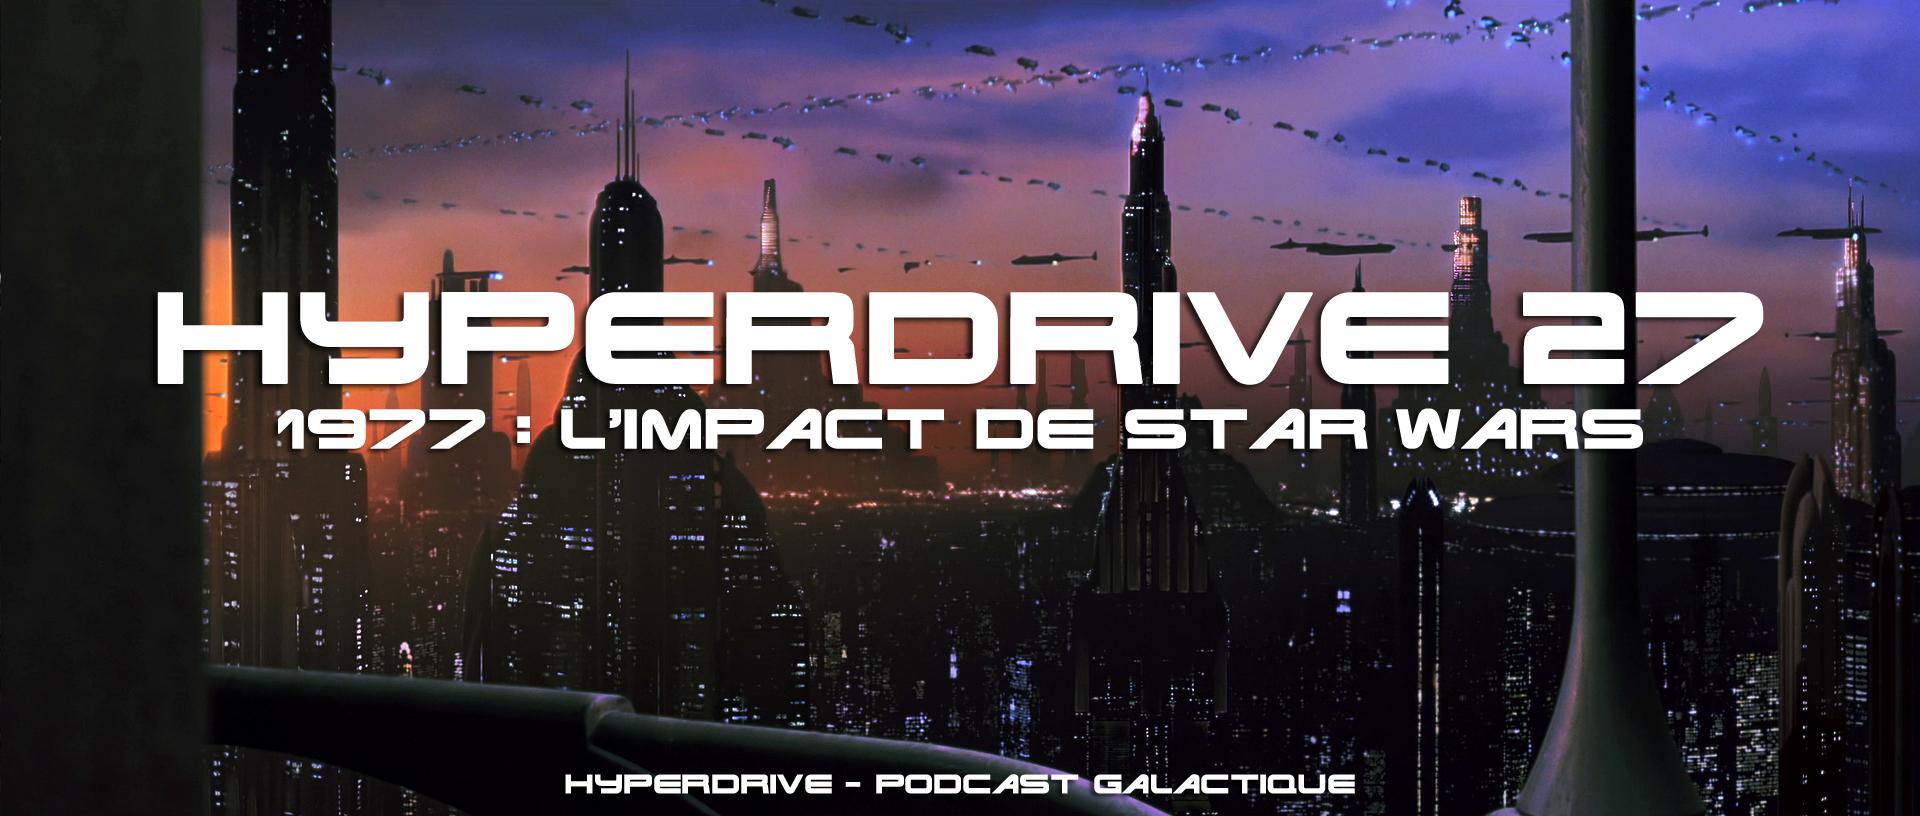 hyperdrive - L'impact de Star Wars au cinéma